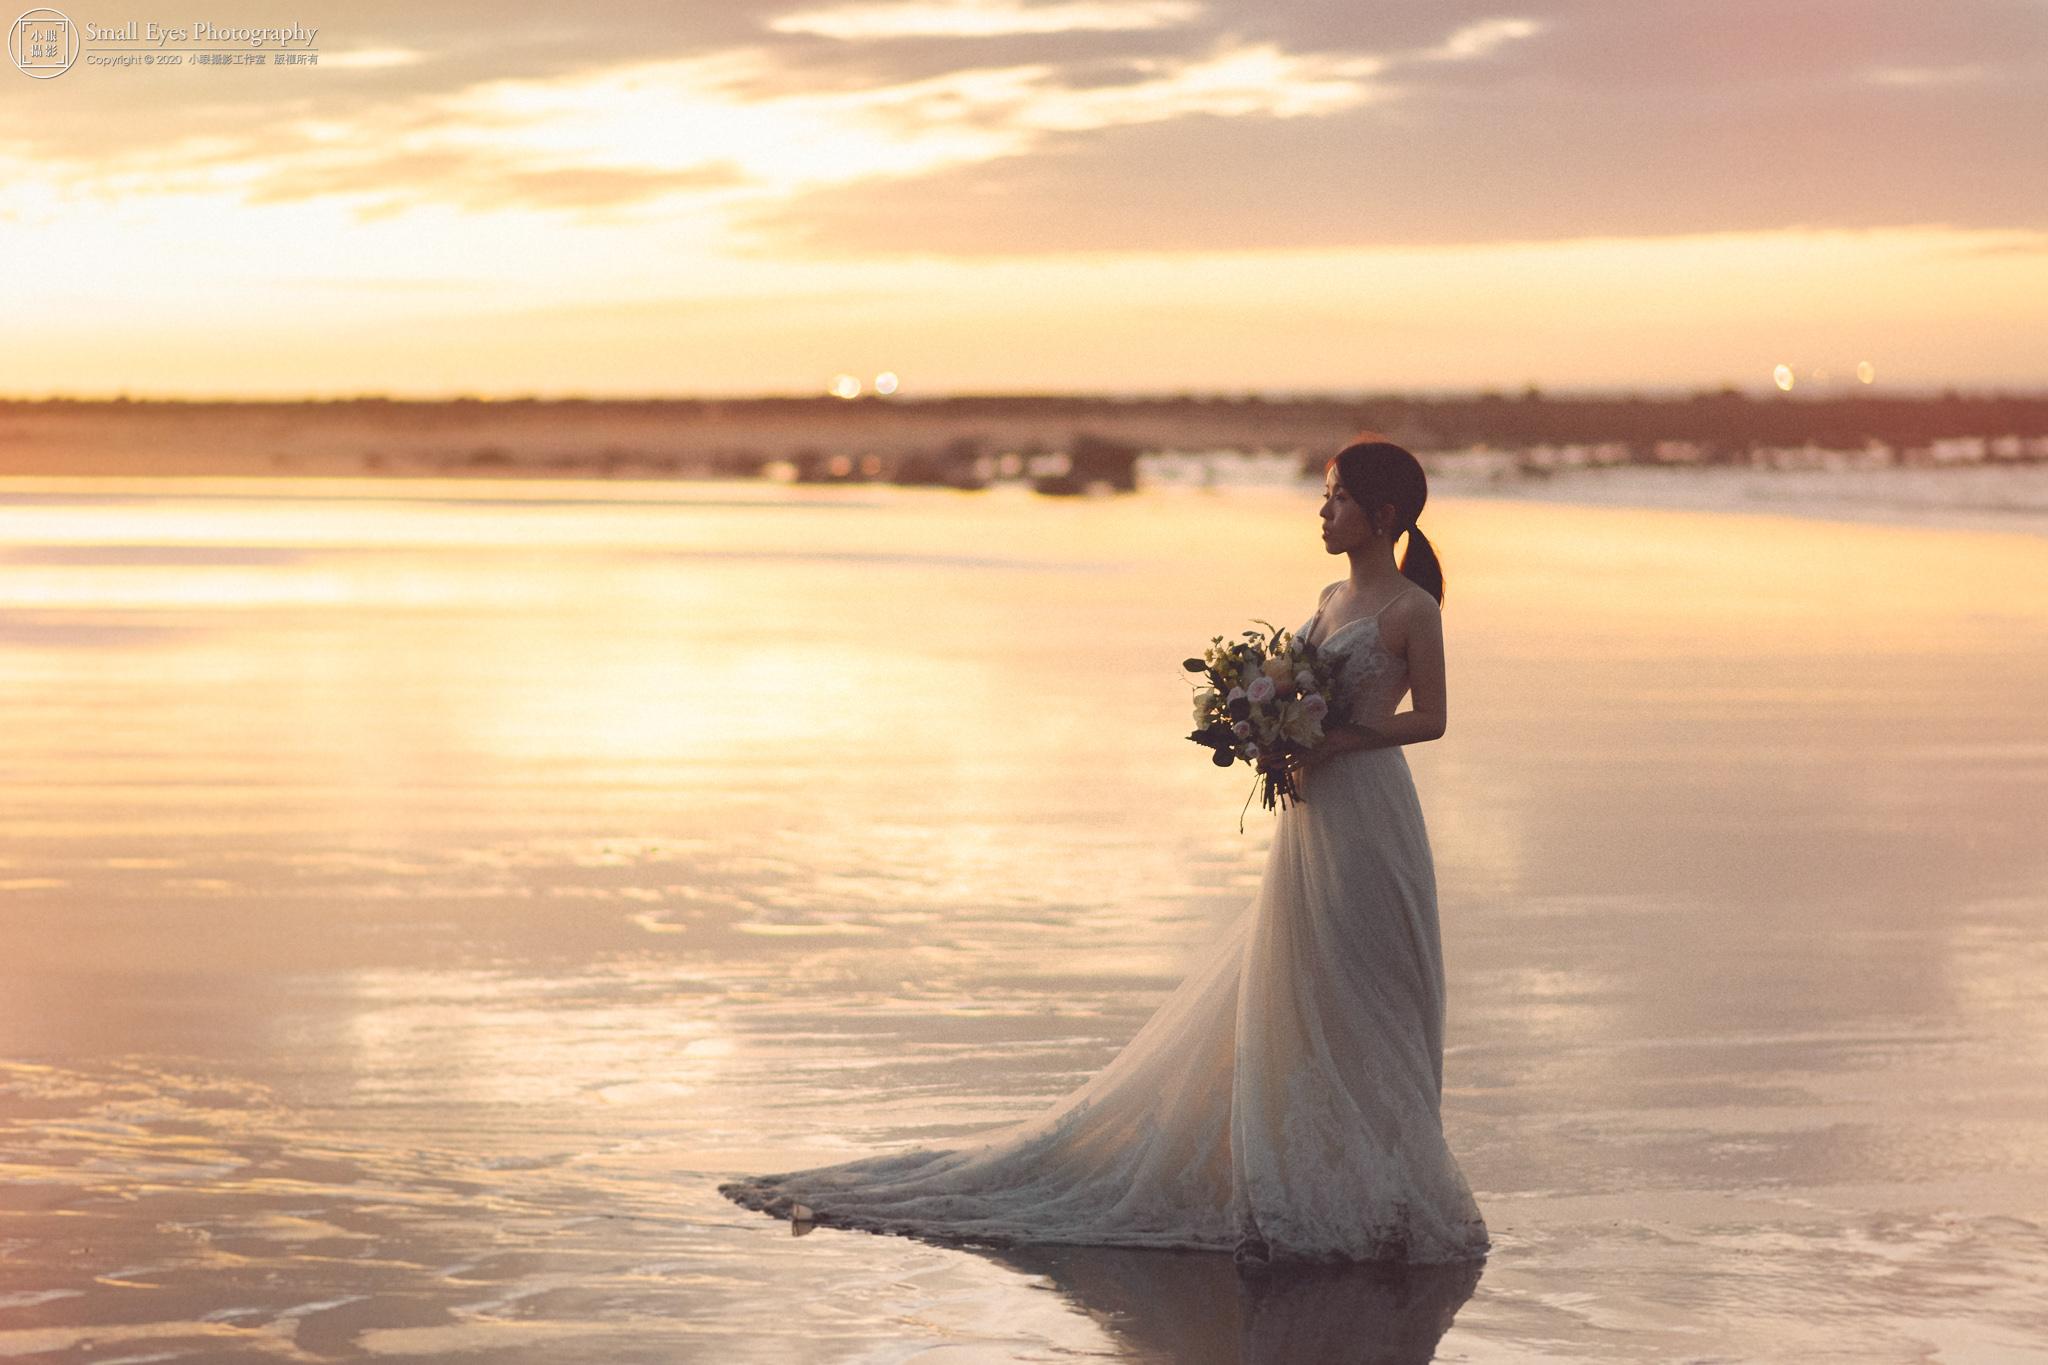 小眼攝影,自助婚紗,婚攝,婚紗攝影,新秘瓜瓜,吉兒婚紗,台灣,北部,北海岸,海邊,夕陽,日落